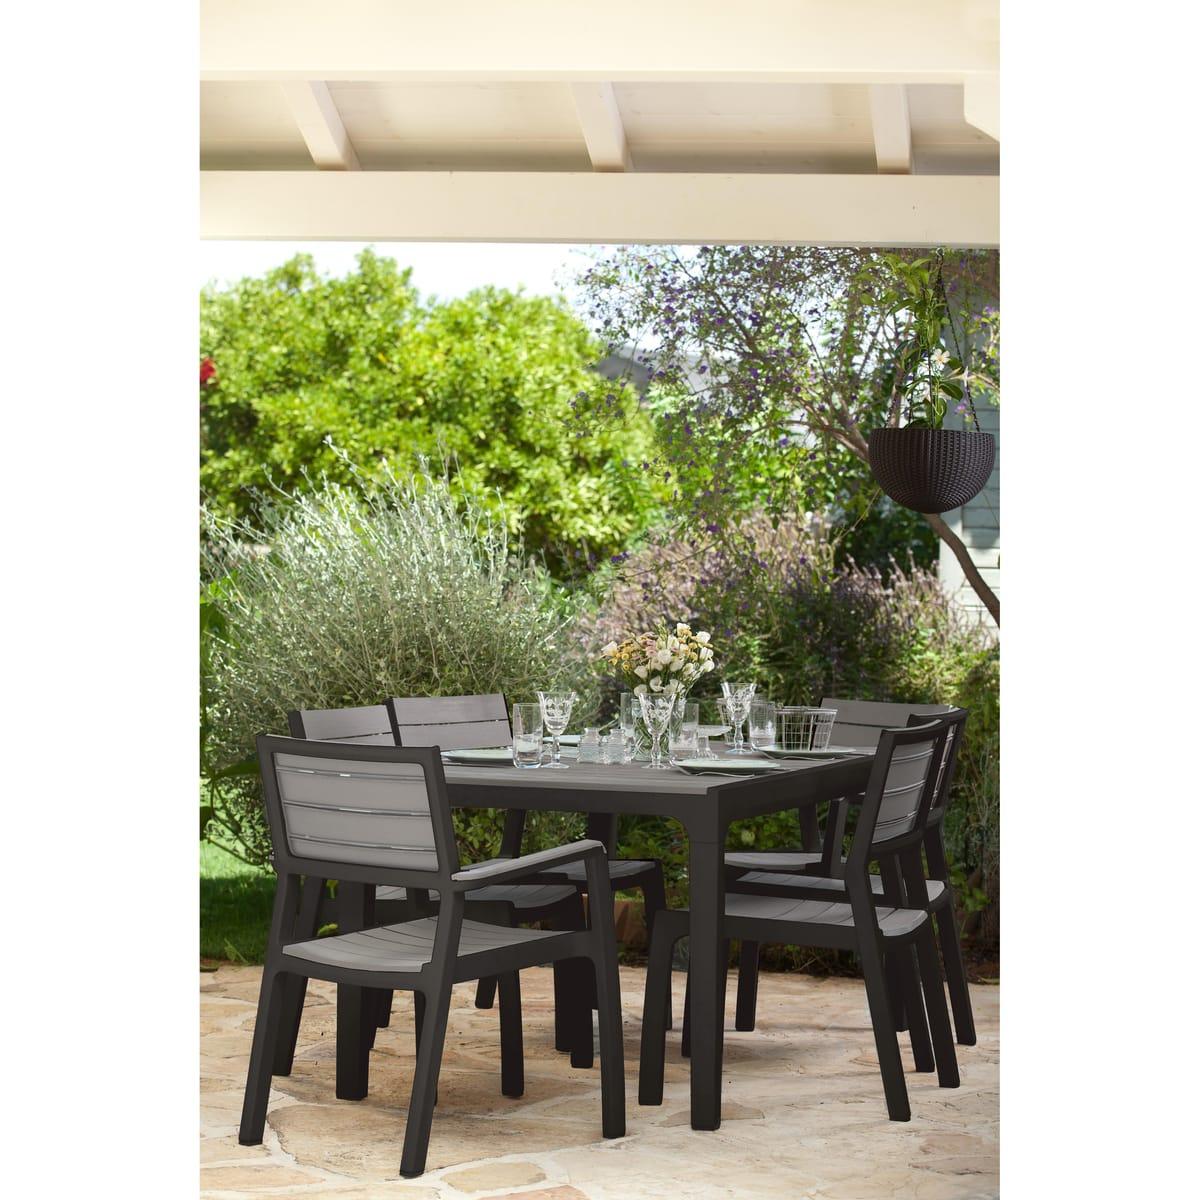 Haut Table Jardin Auchan Pour De Nouveau Meilleur ... serapportantà Salon De Jardin Auchan